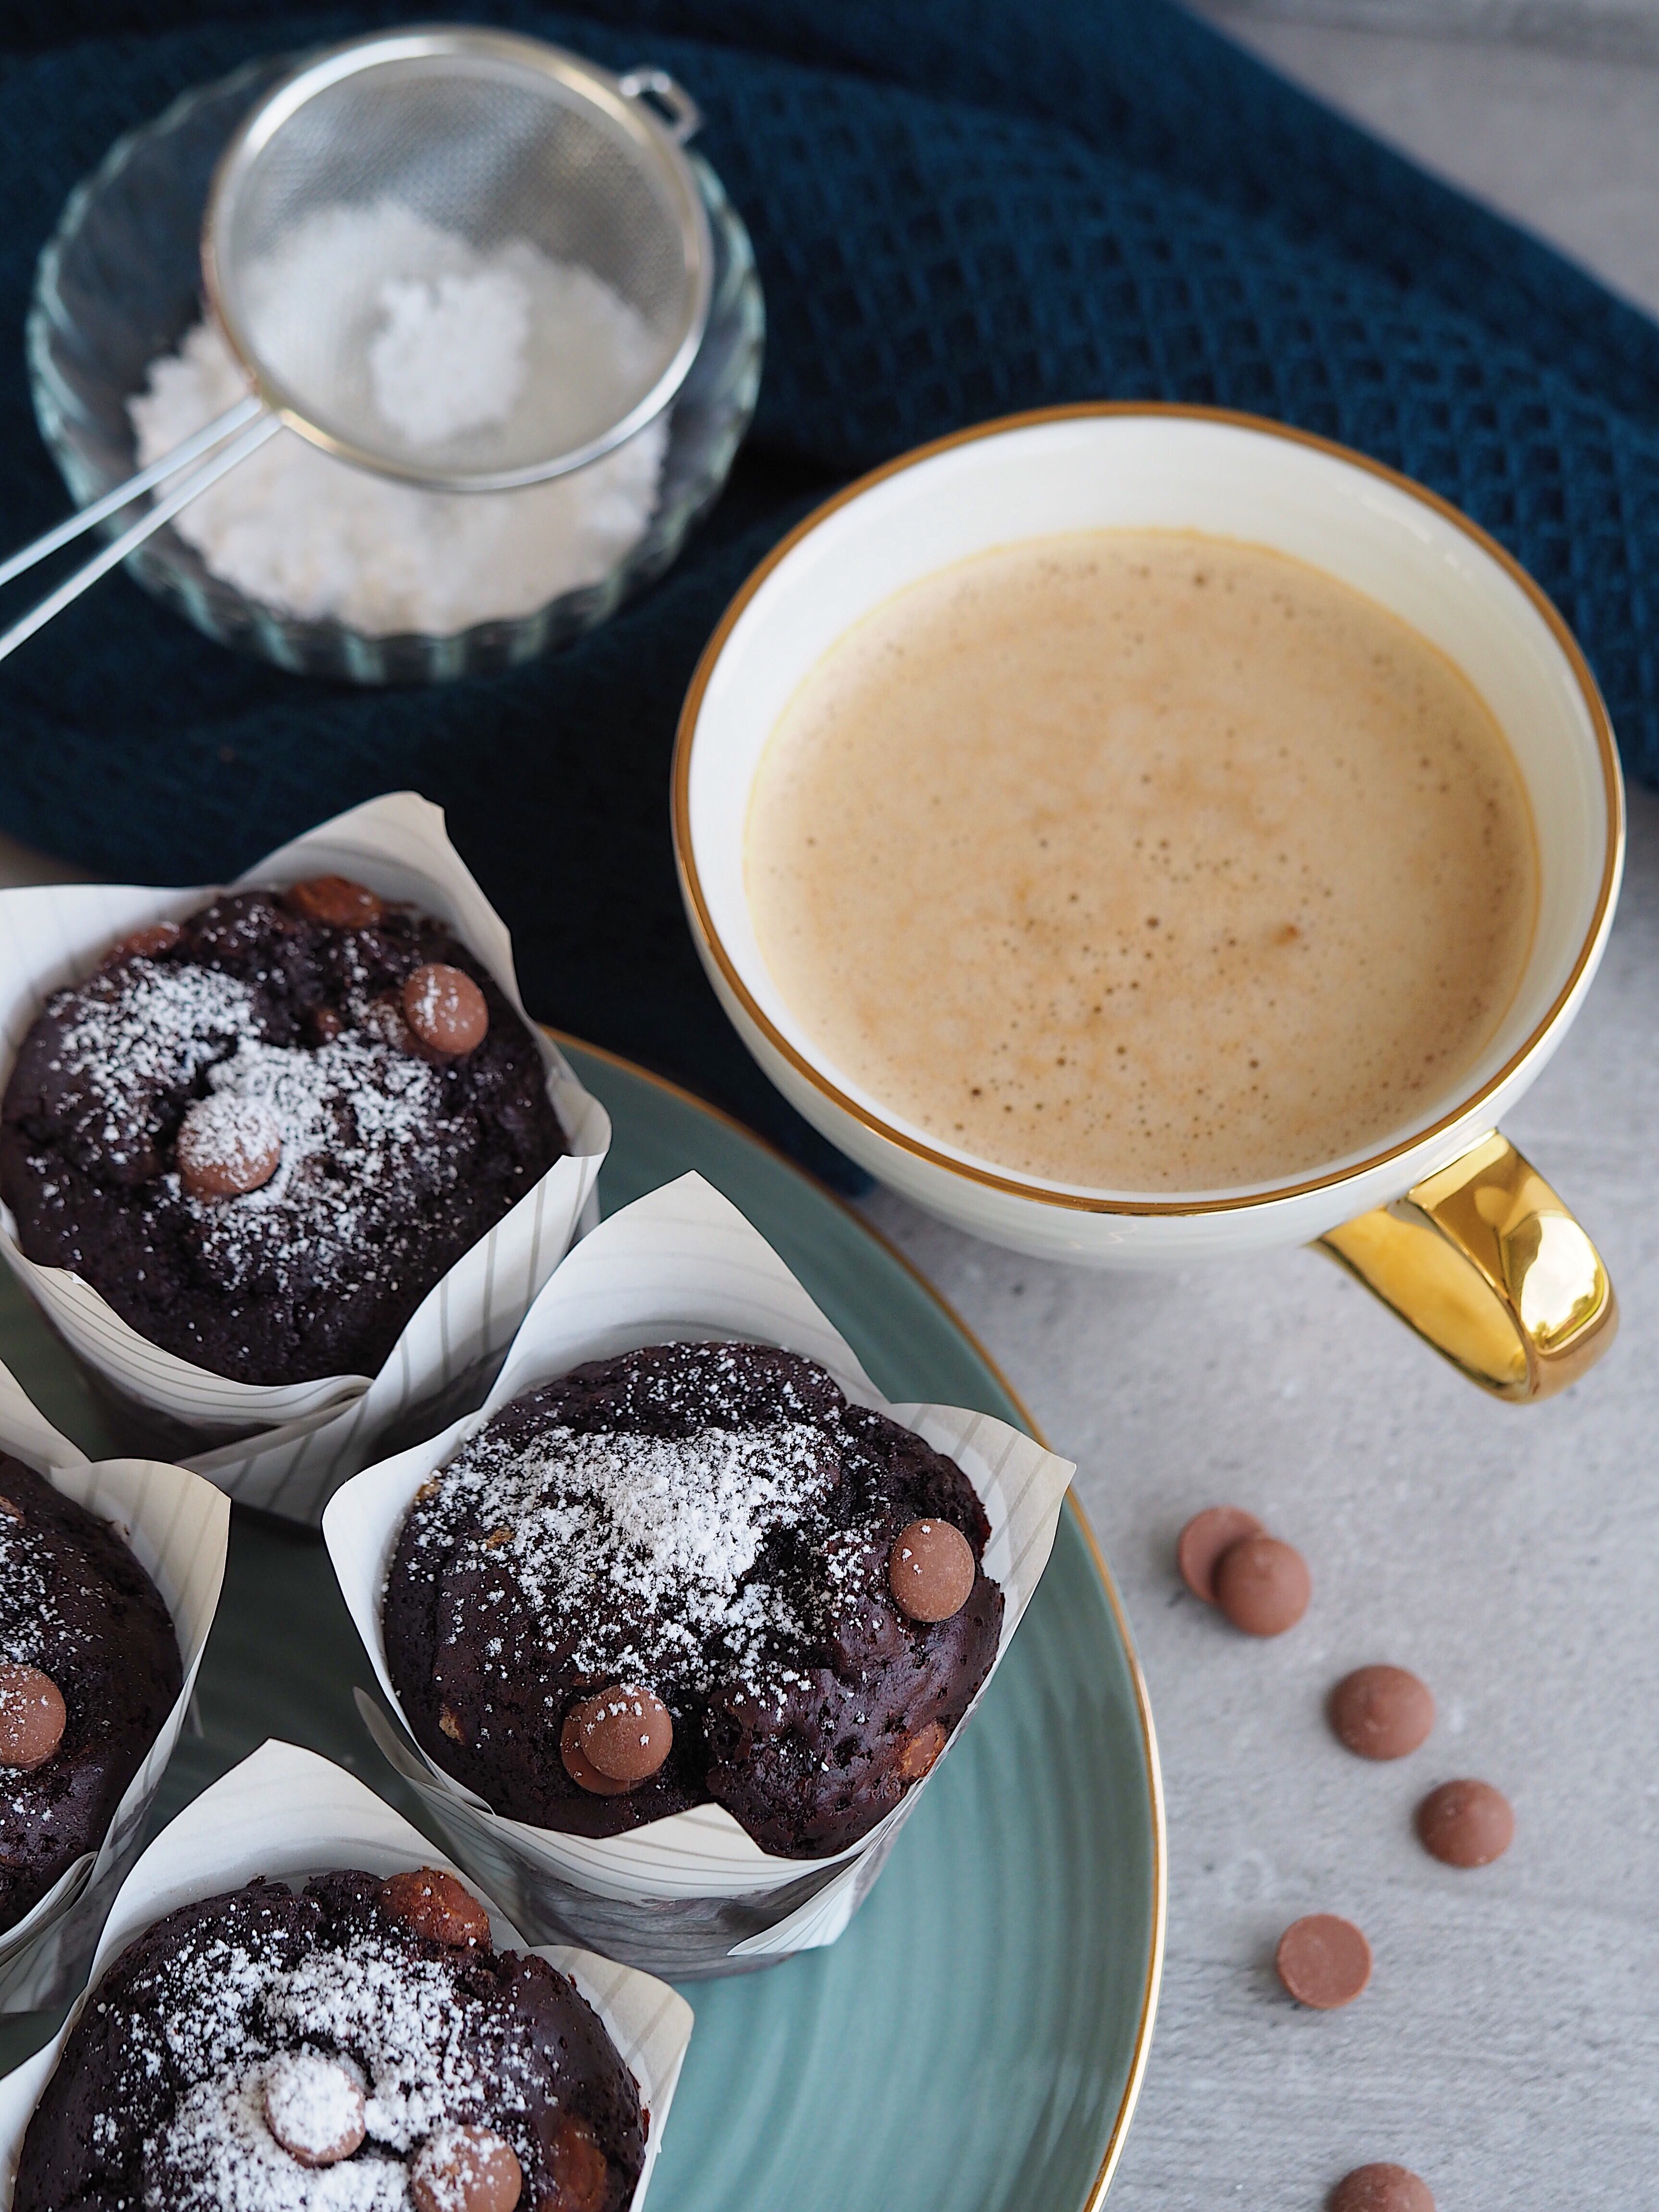 Lækre Svampede Blødende Chokolade Muffins Kage Finax Bagværk Når du elsker at bage Opskrift Mia Lindholm Blog Blogger